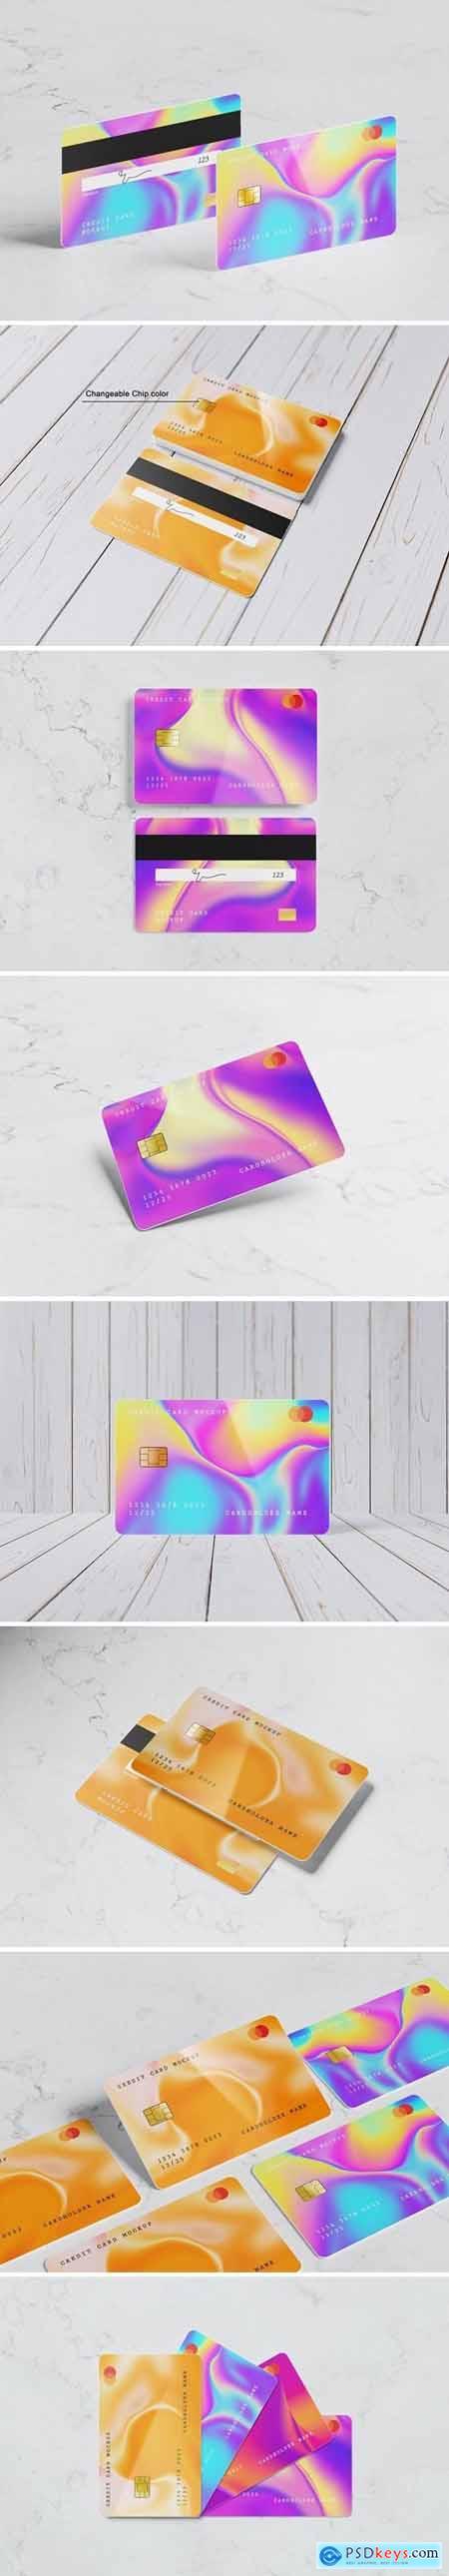 8 Psd Credit Card Mockup